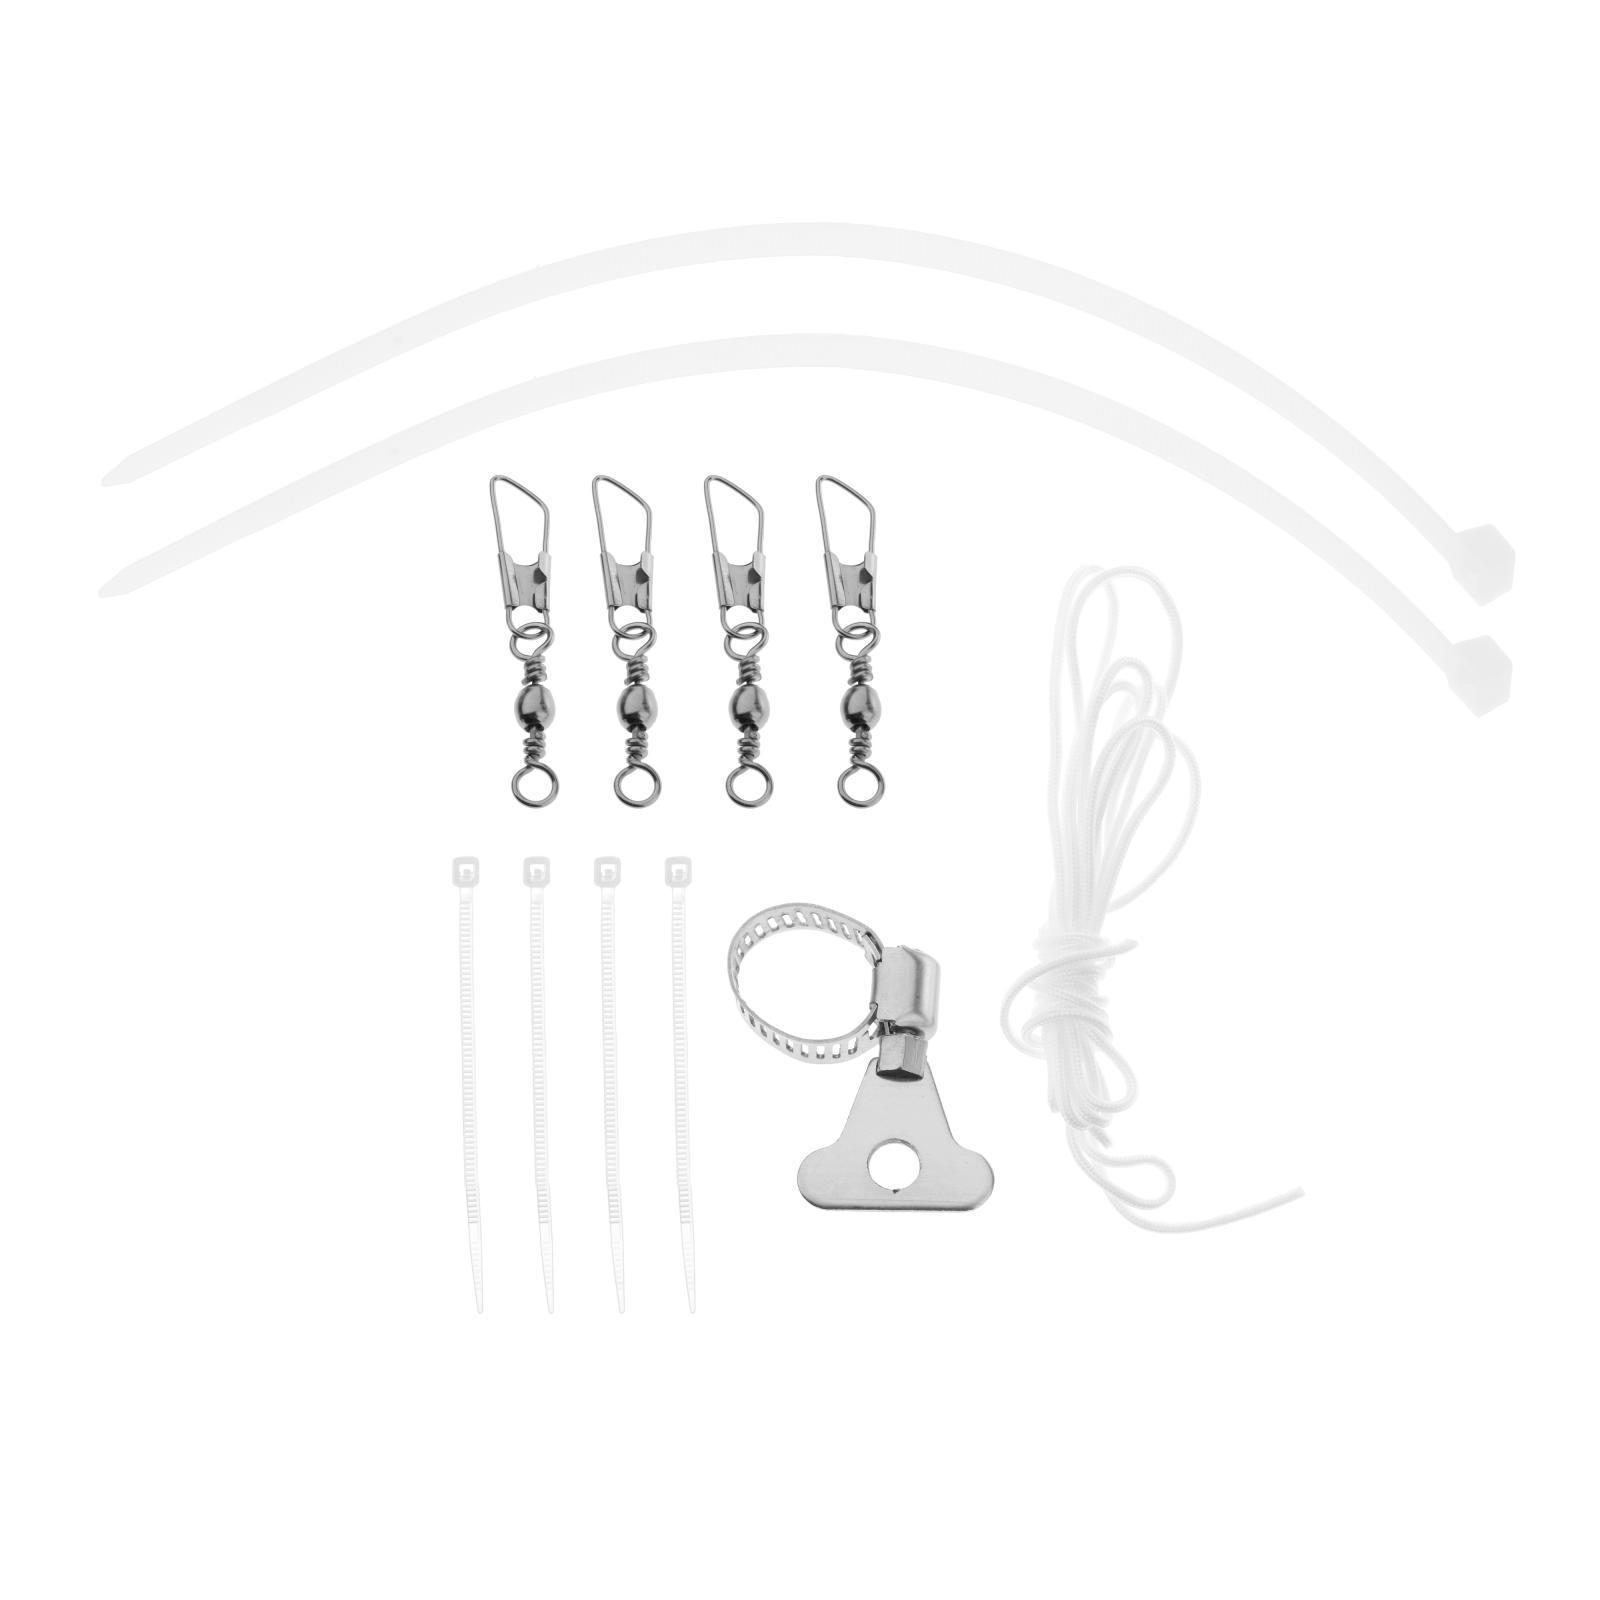 Indexbild 7 - Fahnenmast Hardware Teile Reparatur Halyard Seil Und 4 PCS Metall Haken Clips